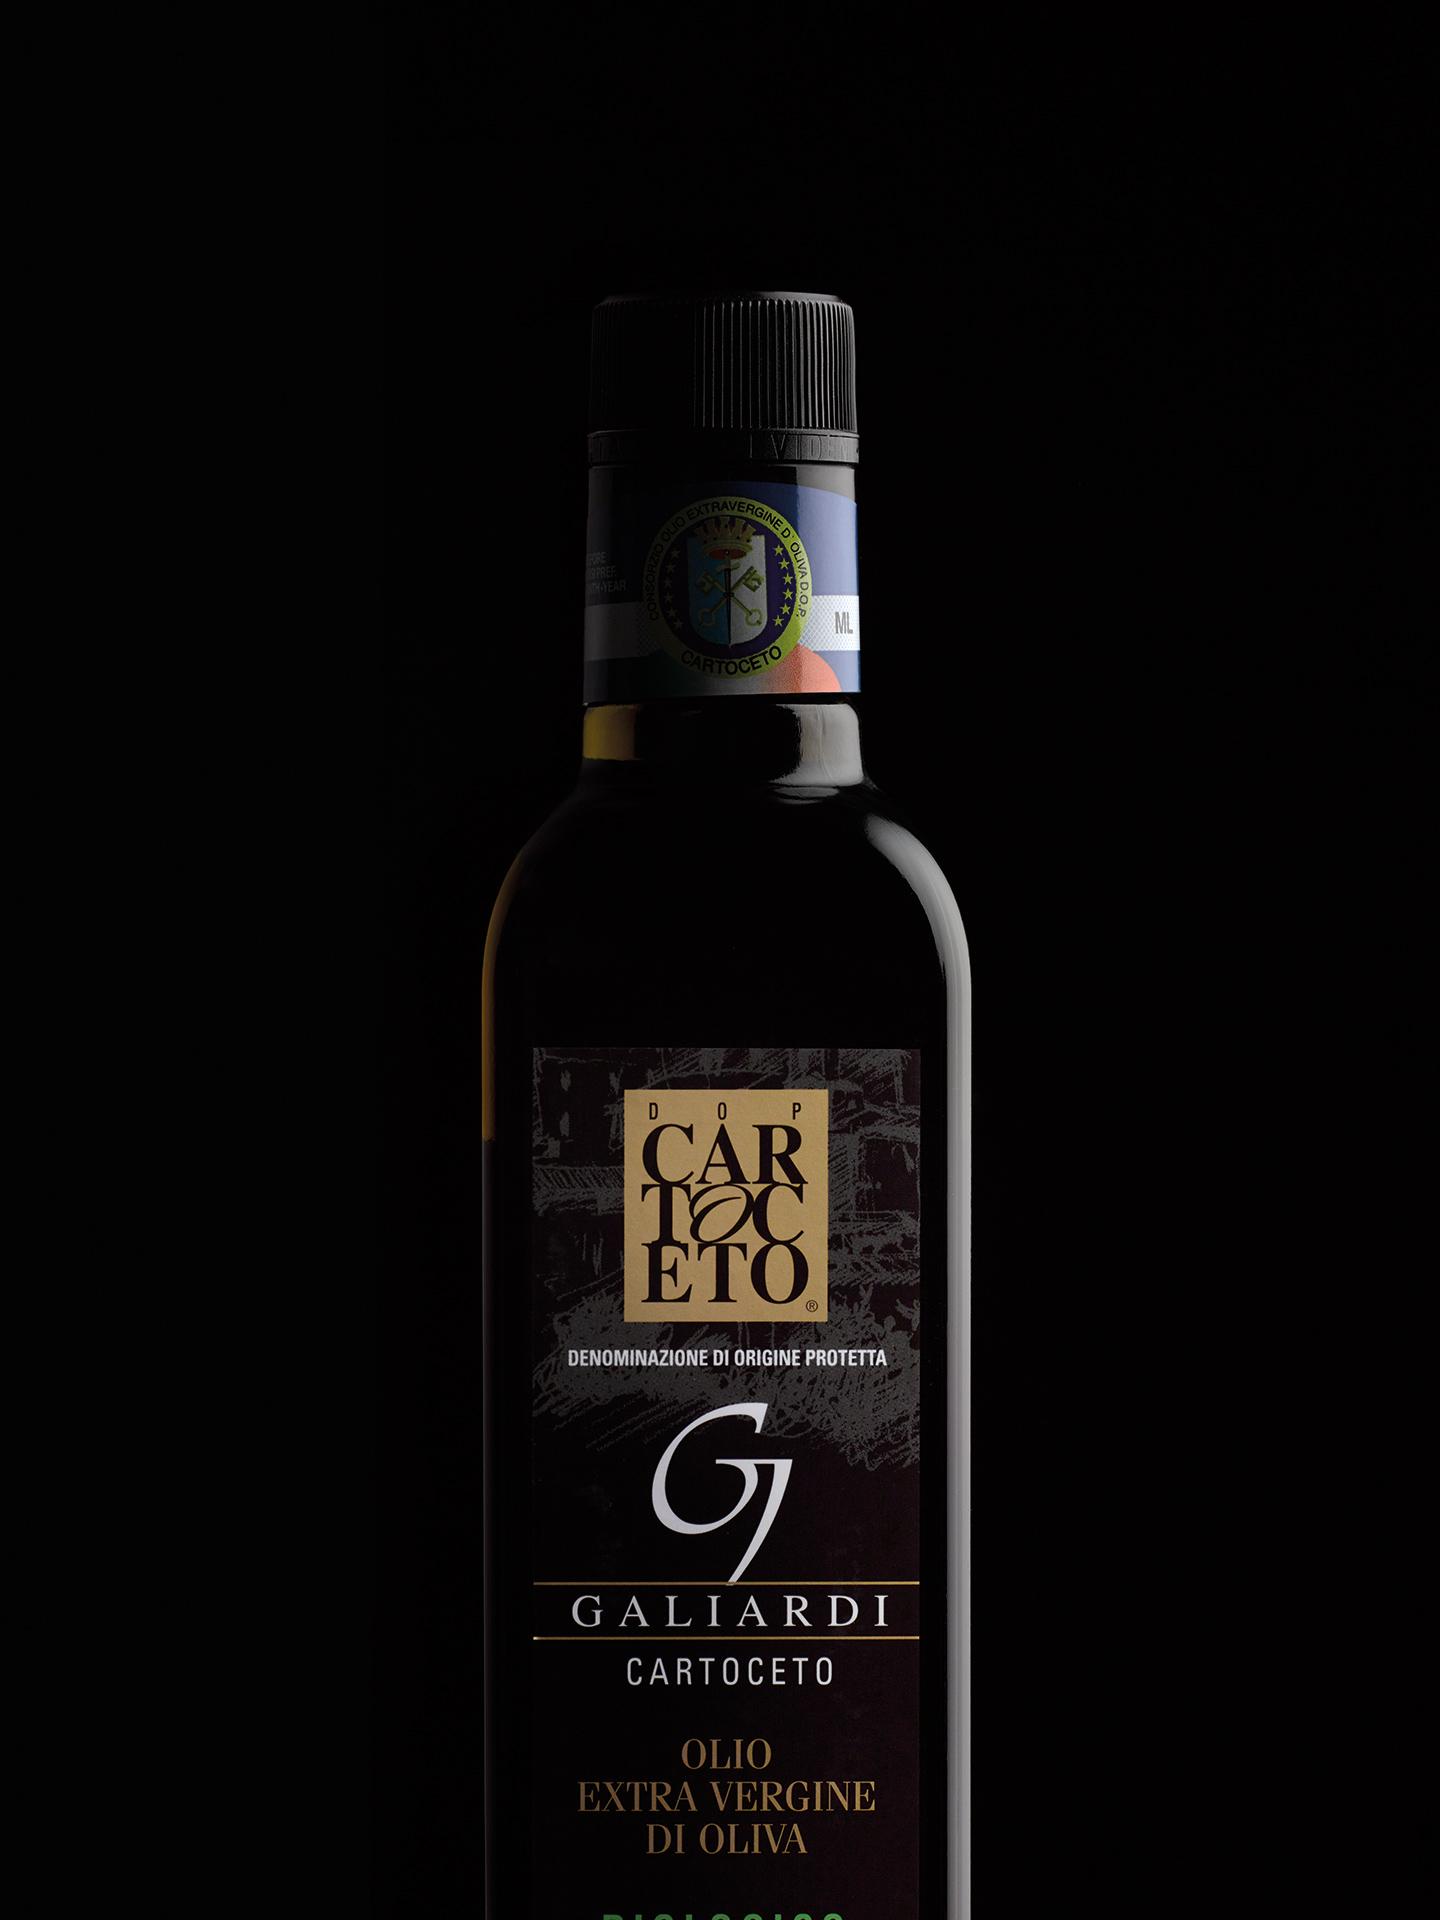 GALIARDI – Azienda Agricola Cartoceto – Cartoceto DOP